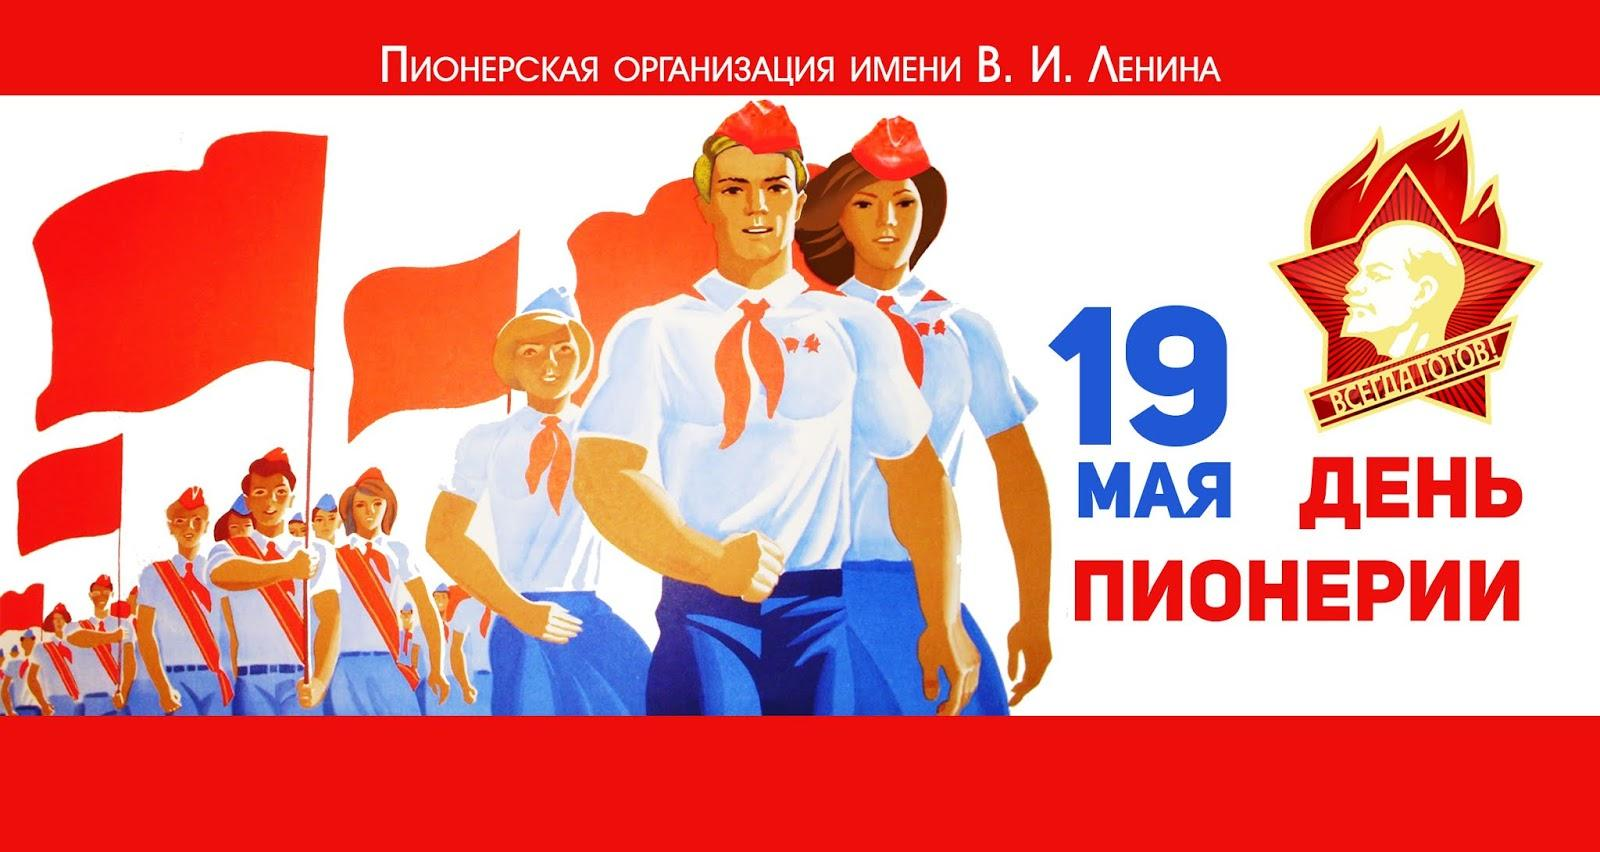 19 мая - День Пионерии